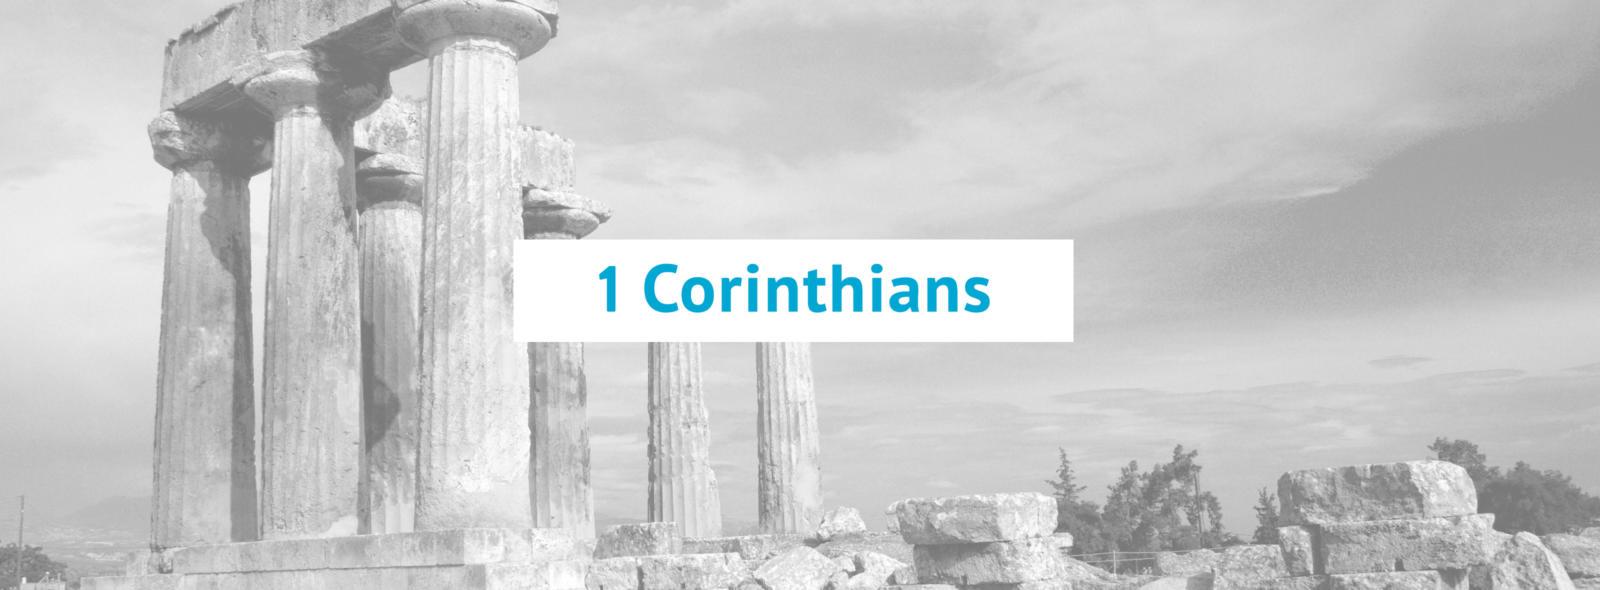 1 Corinthians – Lindale